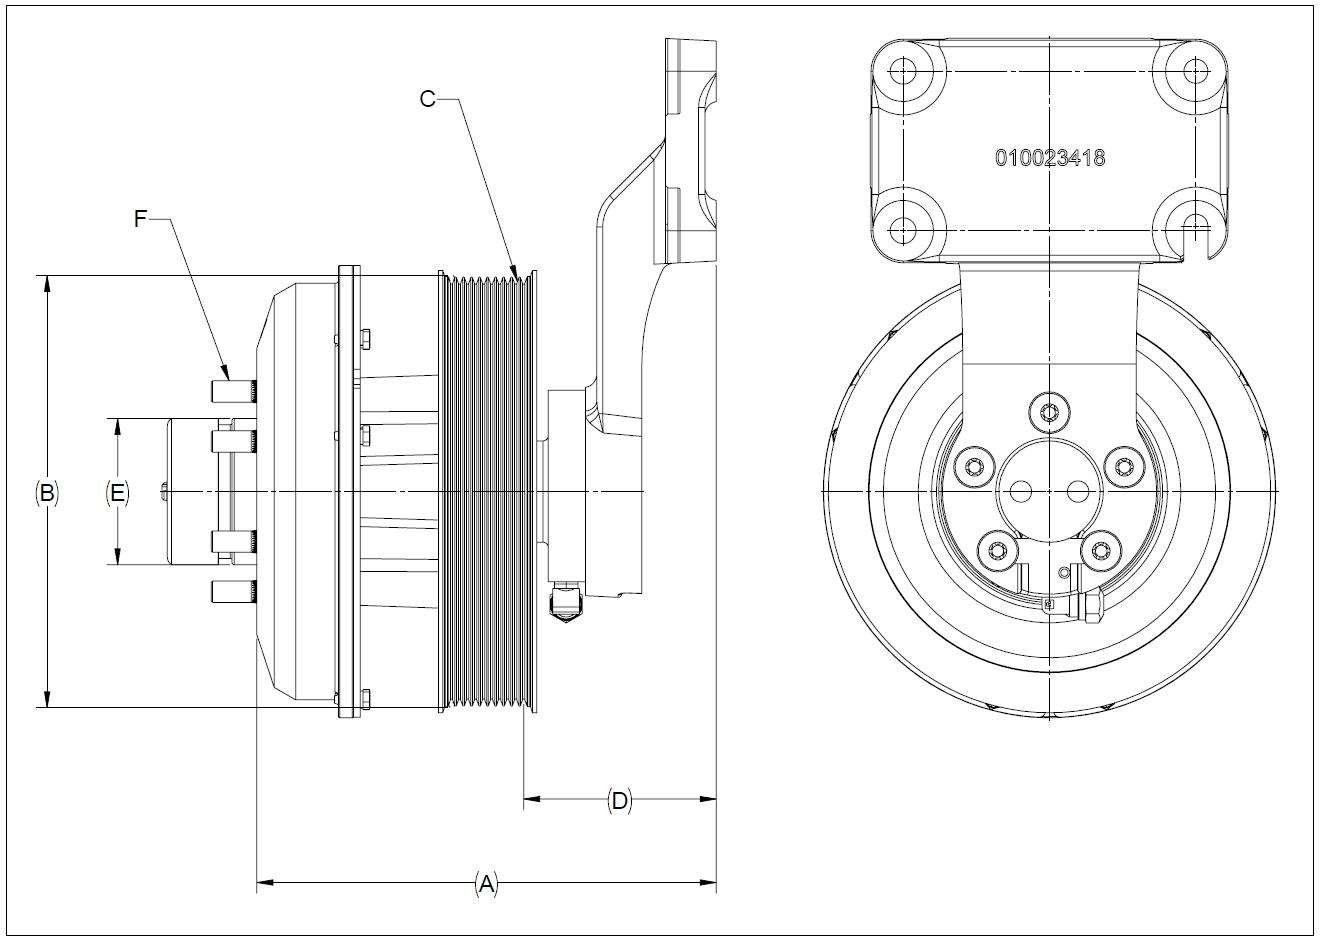 010026230 K32 Rear Air Fan Drive Assembly